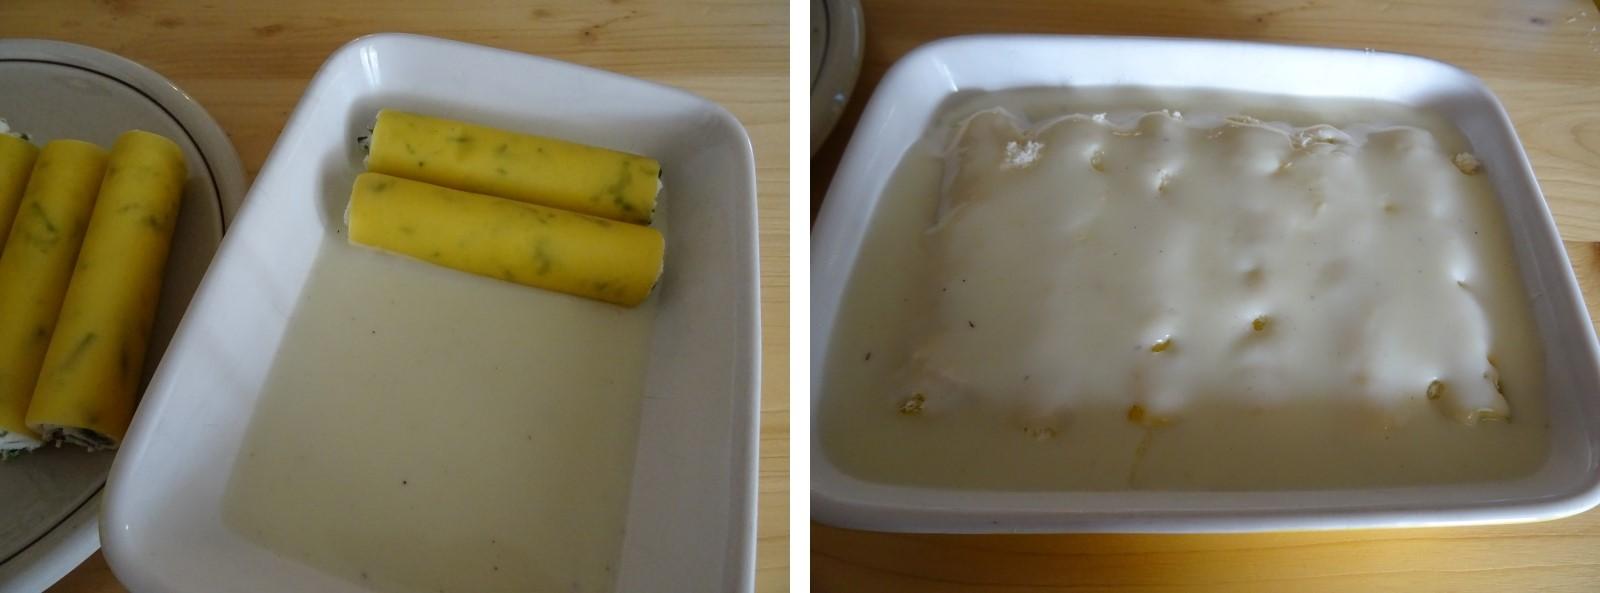 preparazione dei cannelloni ricotta e asparagi